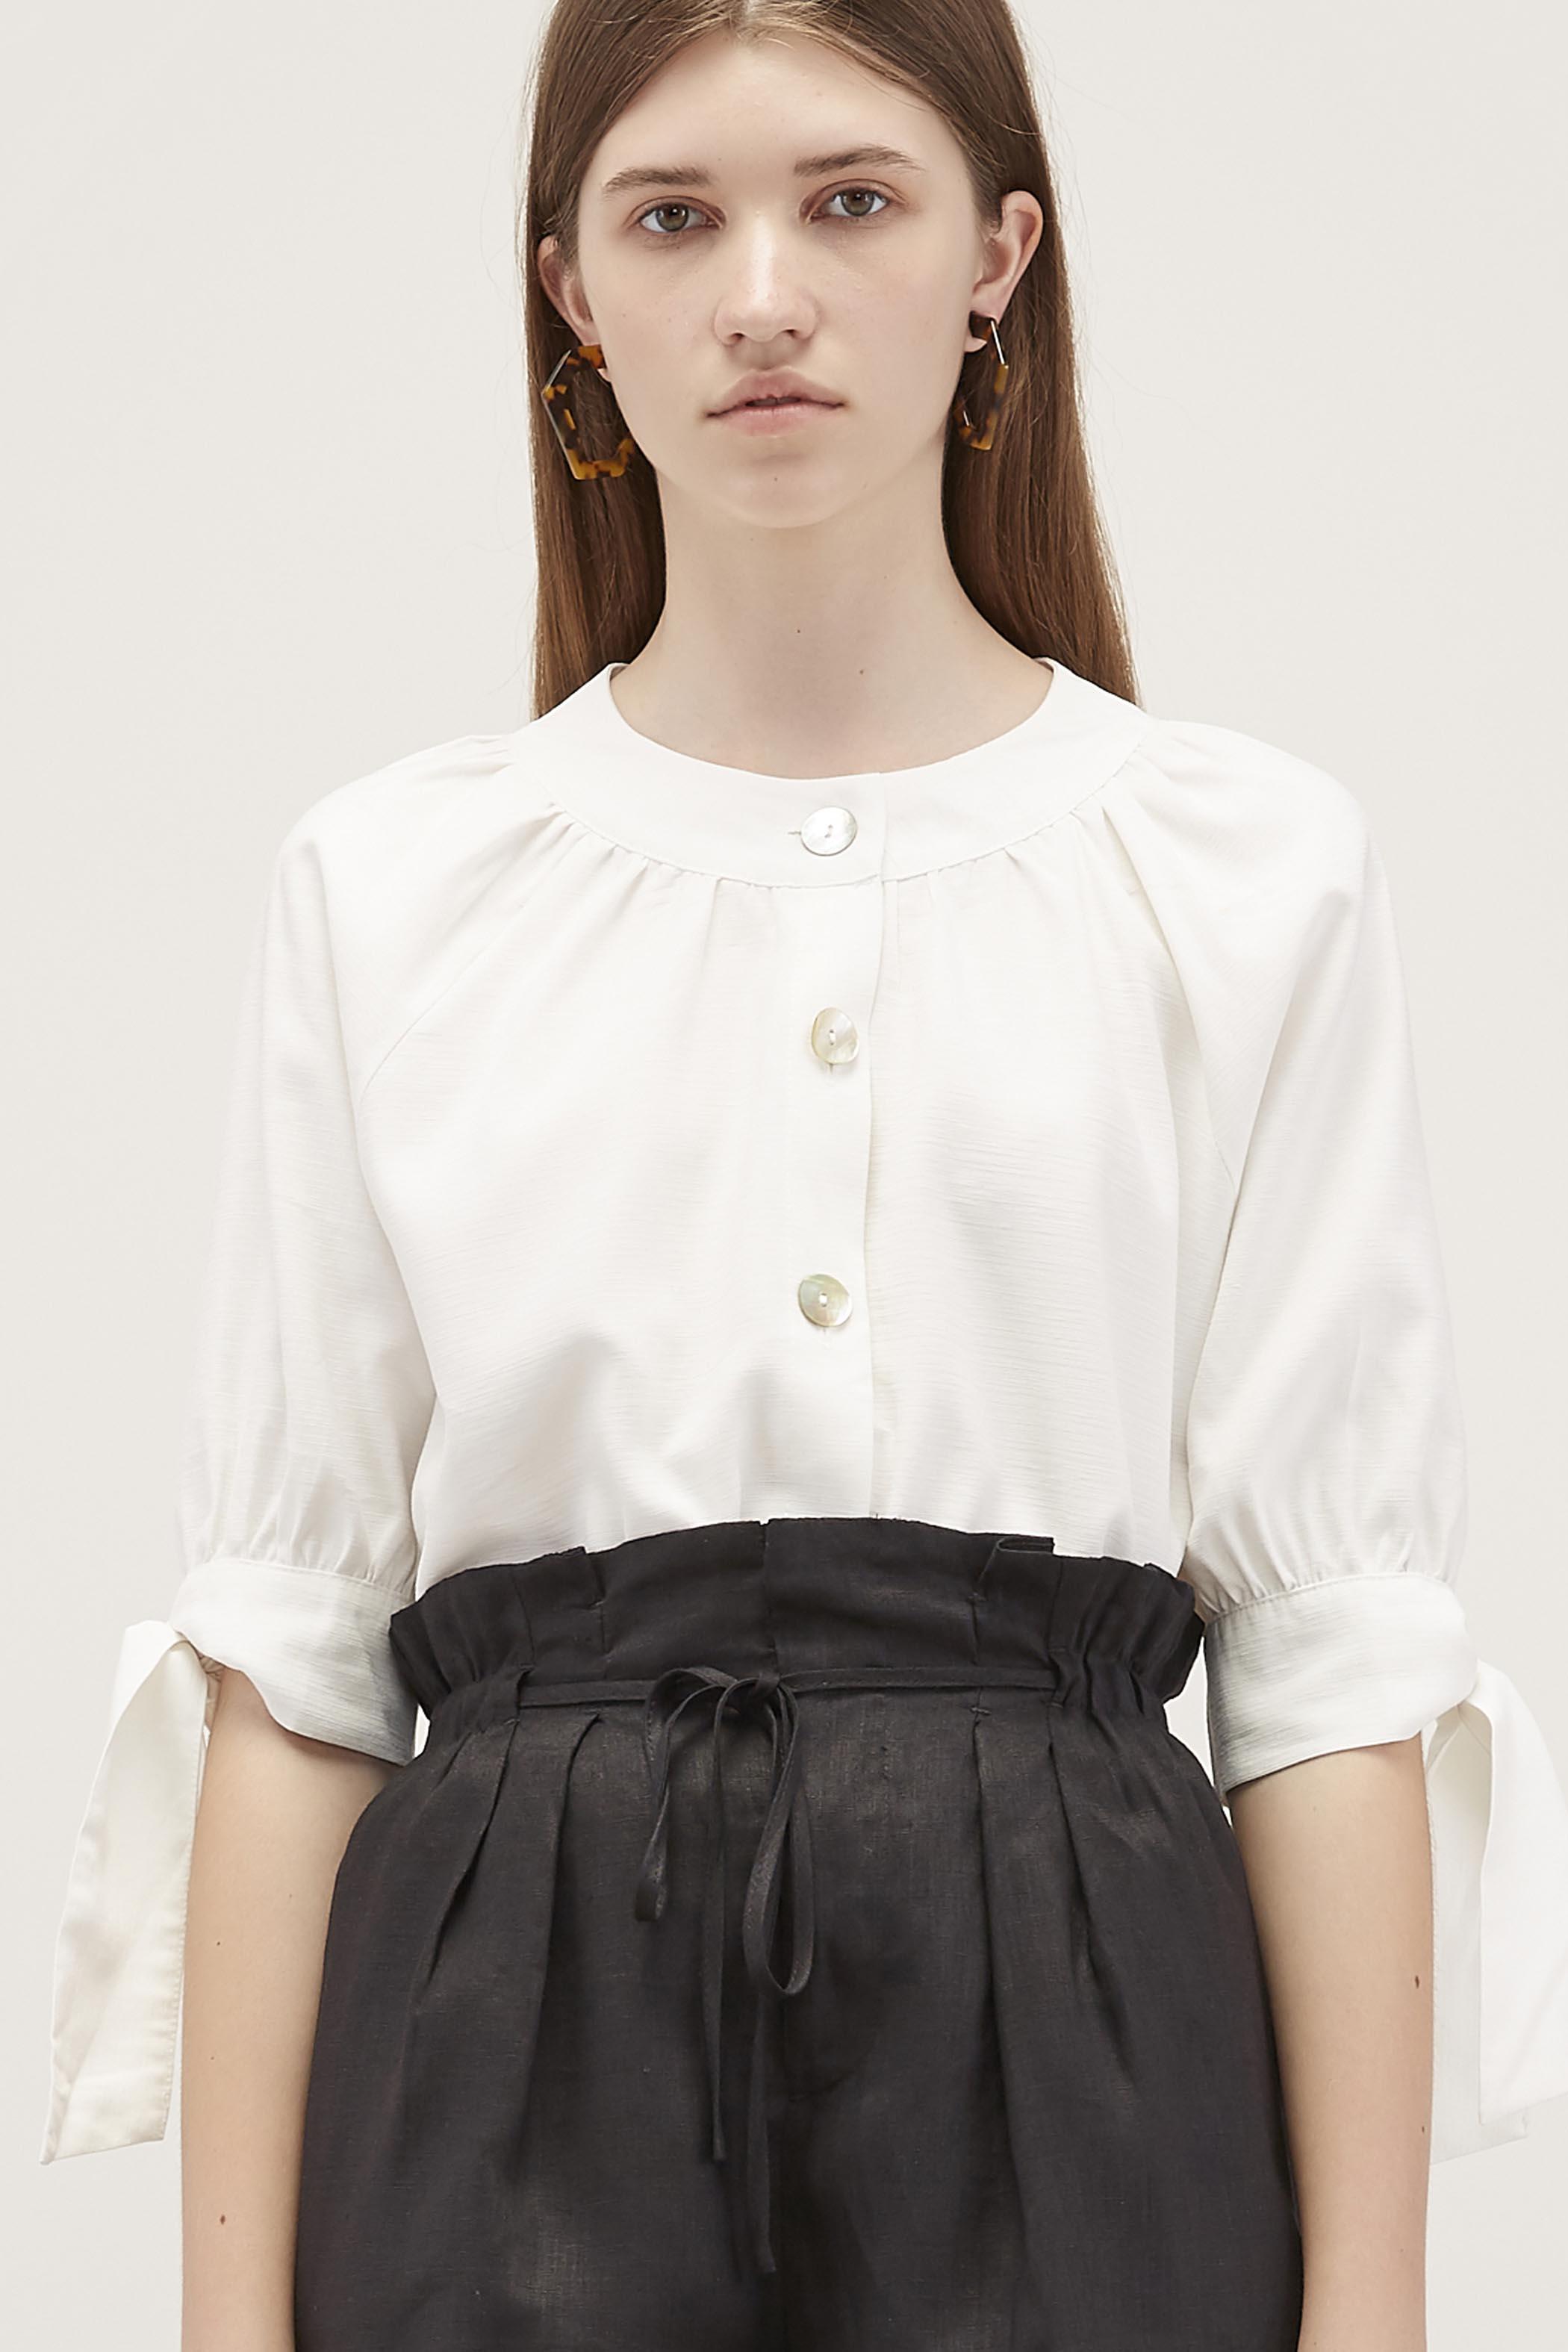 Nala Ring-Collar Blouse